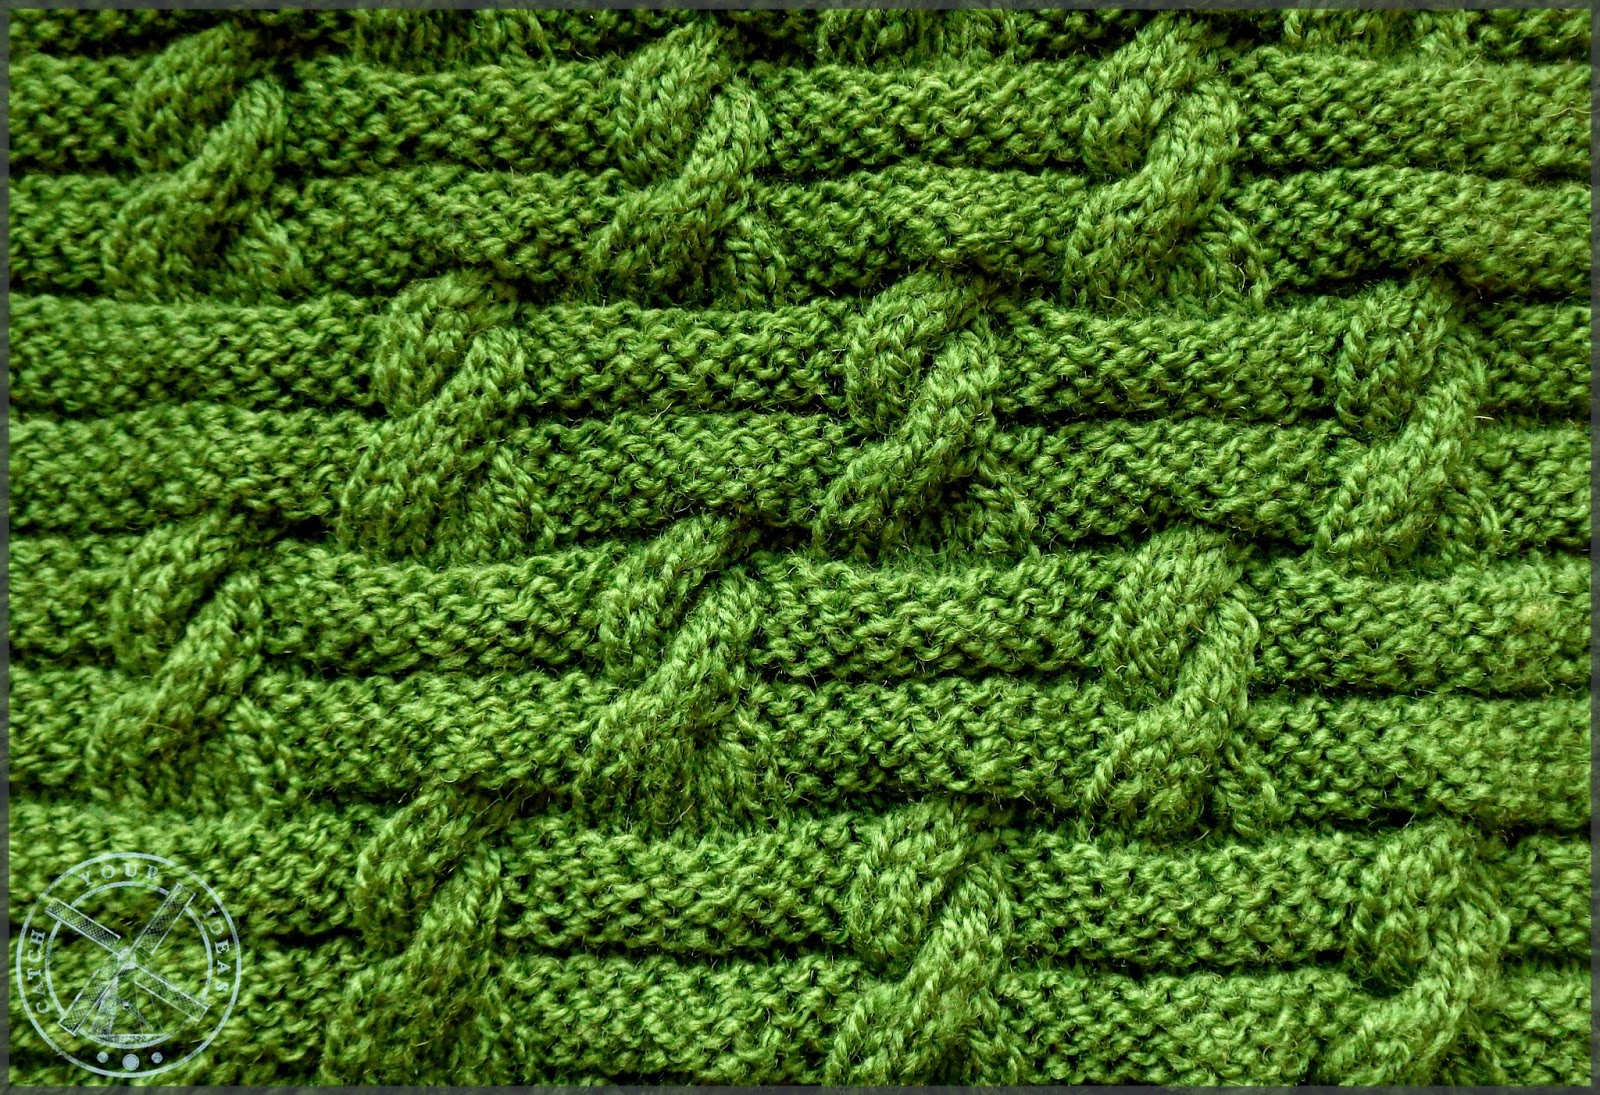 wzor na druty, wzor z warkoczami, wzor z warkoczem, druty warkocze, wzor na komin, wzor na druty, schemat na druty, schemat warkocz, schemat warkocze, knitting, knit, knit scarf, darmowy wzór na druty, darmowy wzor na druty, free knitting craft, schemat na druty za darmo, wzor na druty za darmo,